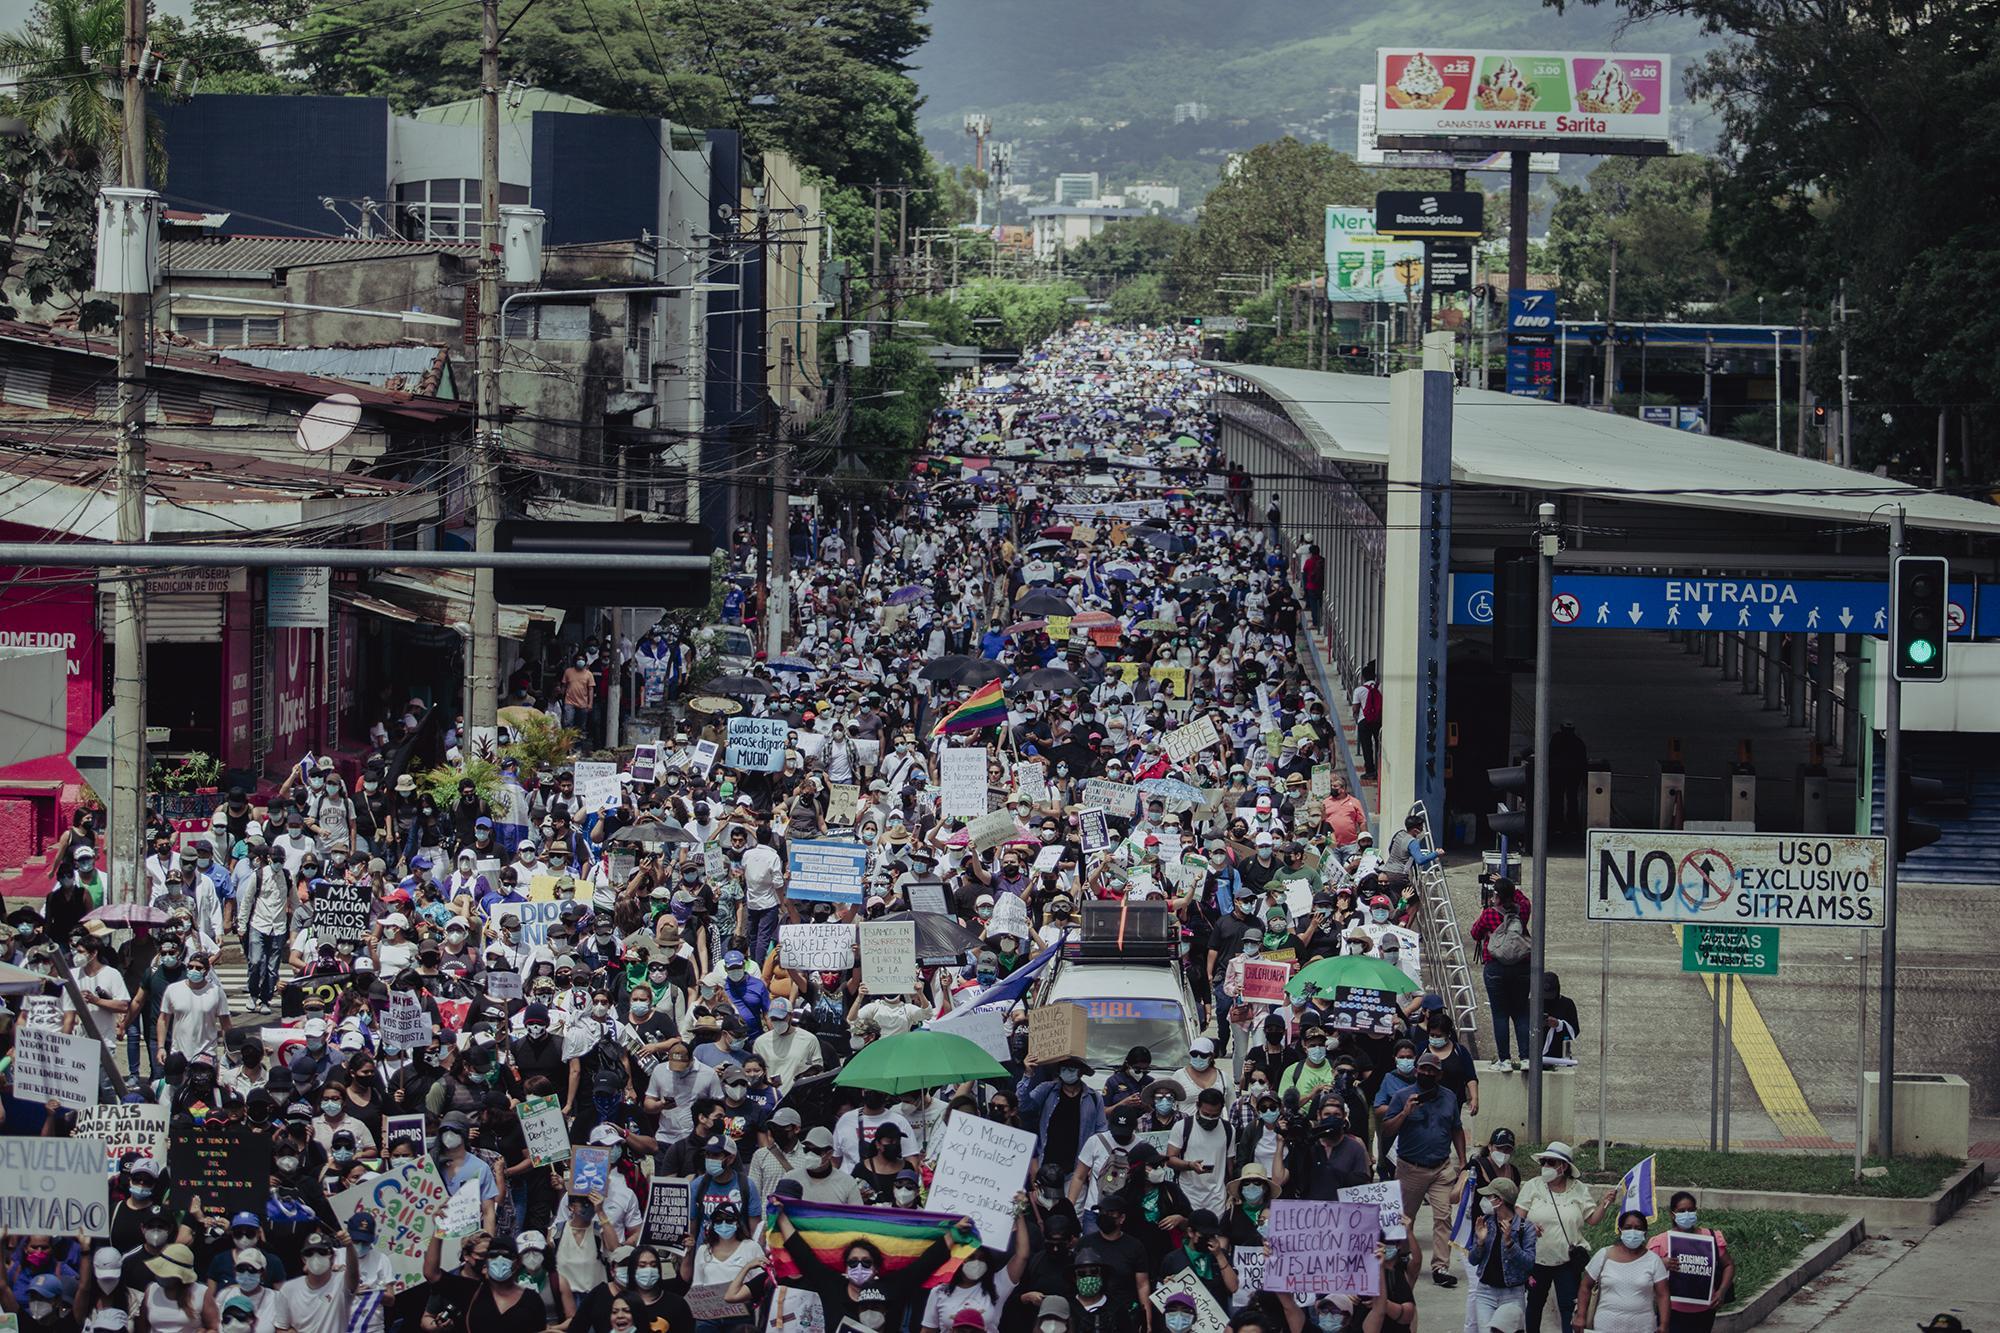 Miles de personas marcharon desde el parque Cuscatlán, y otros sectores de San Salvador, hasta la plaza Morazán, en el Centro Histórico, para manifestarse en contra del mandato presidencial de Bukele y las leyes recién aprobadas por la Asamblea Legislativa controlada por él, como la Ley Bitcoin o la que purga al 30 % de los jueces del país.